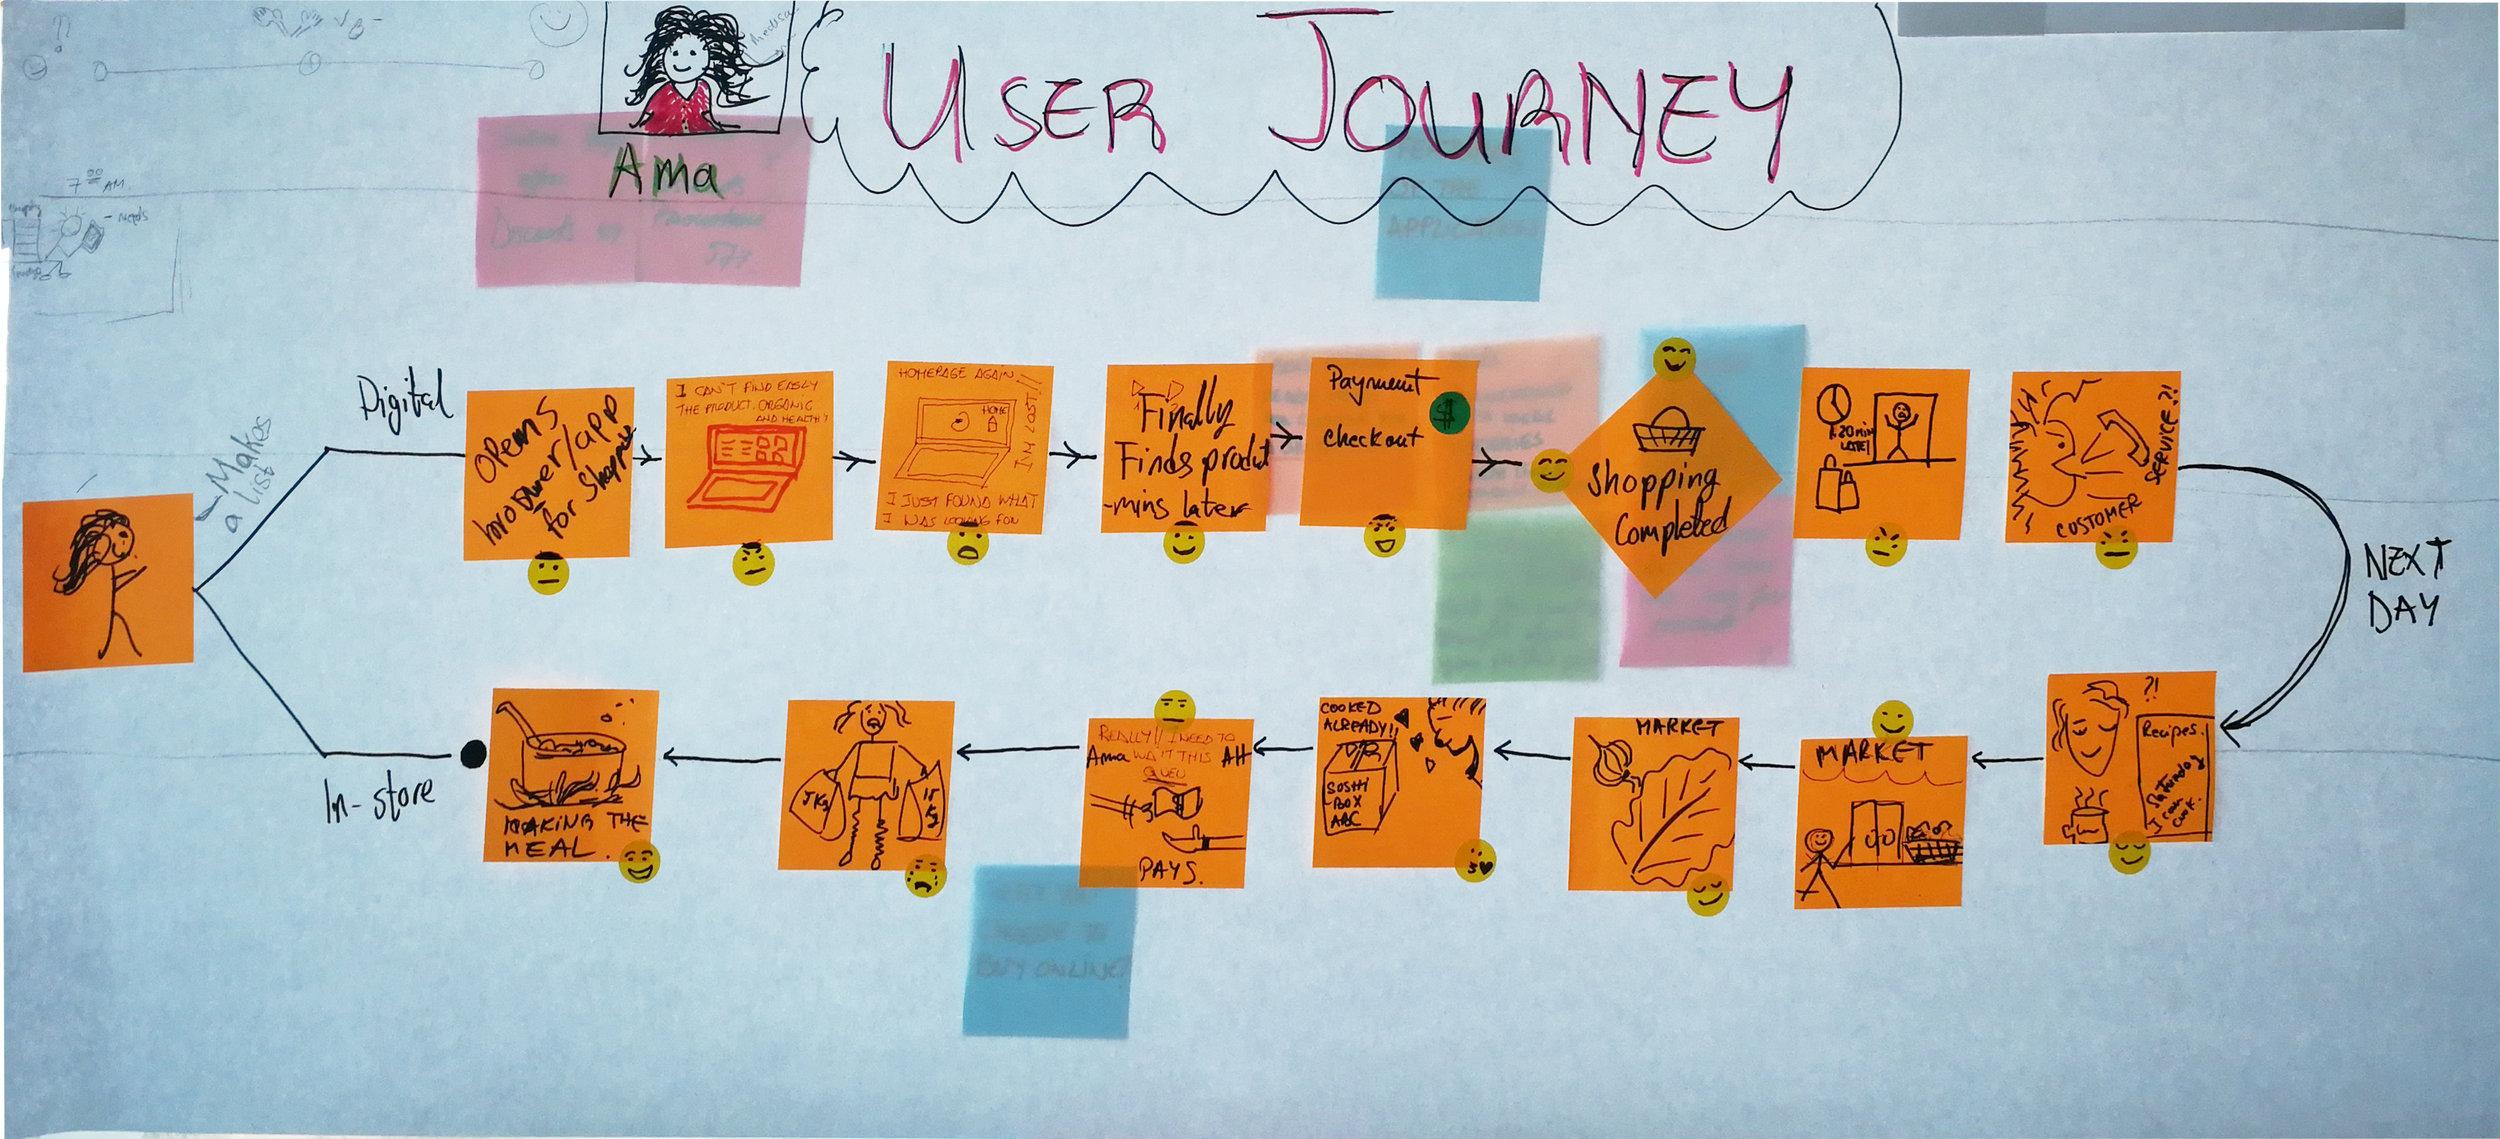 Group 1 User Journey (1).jpg